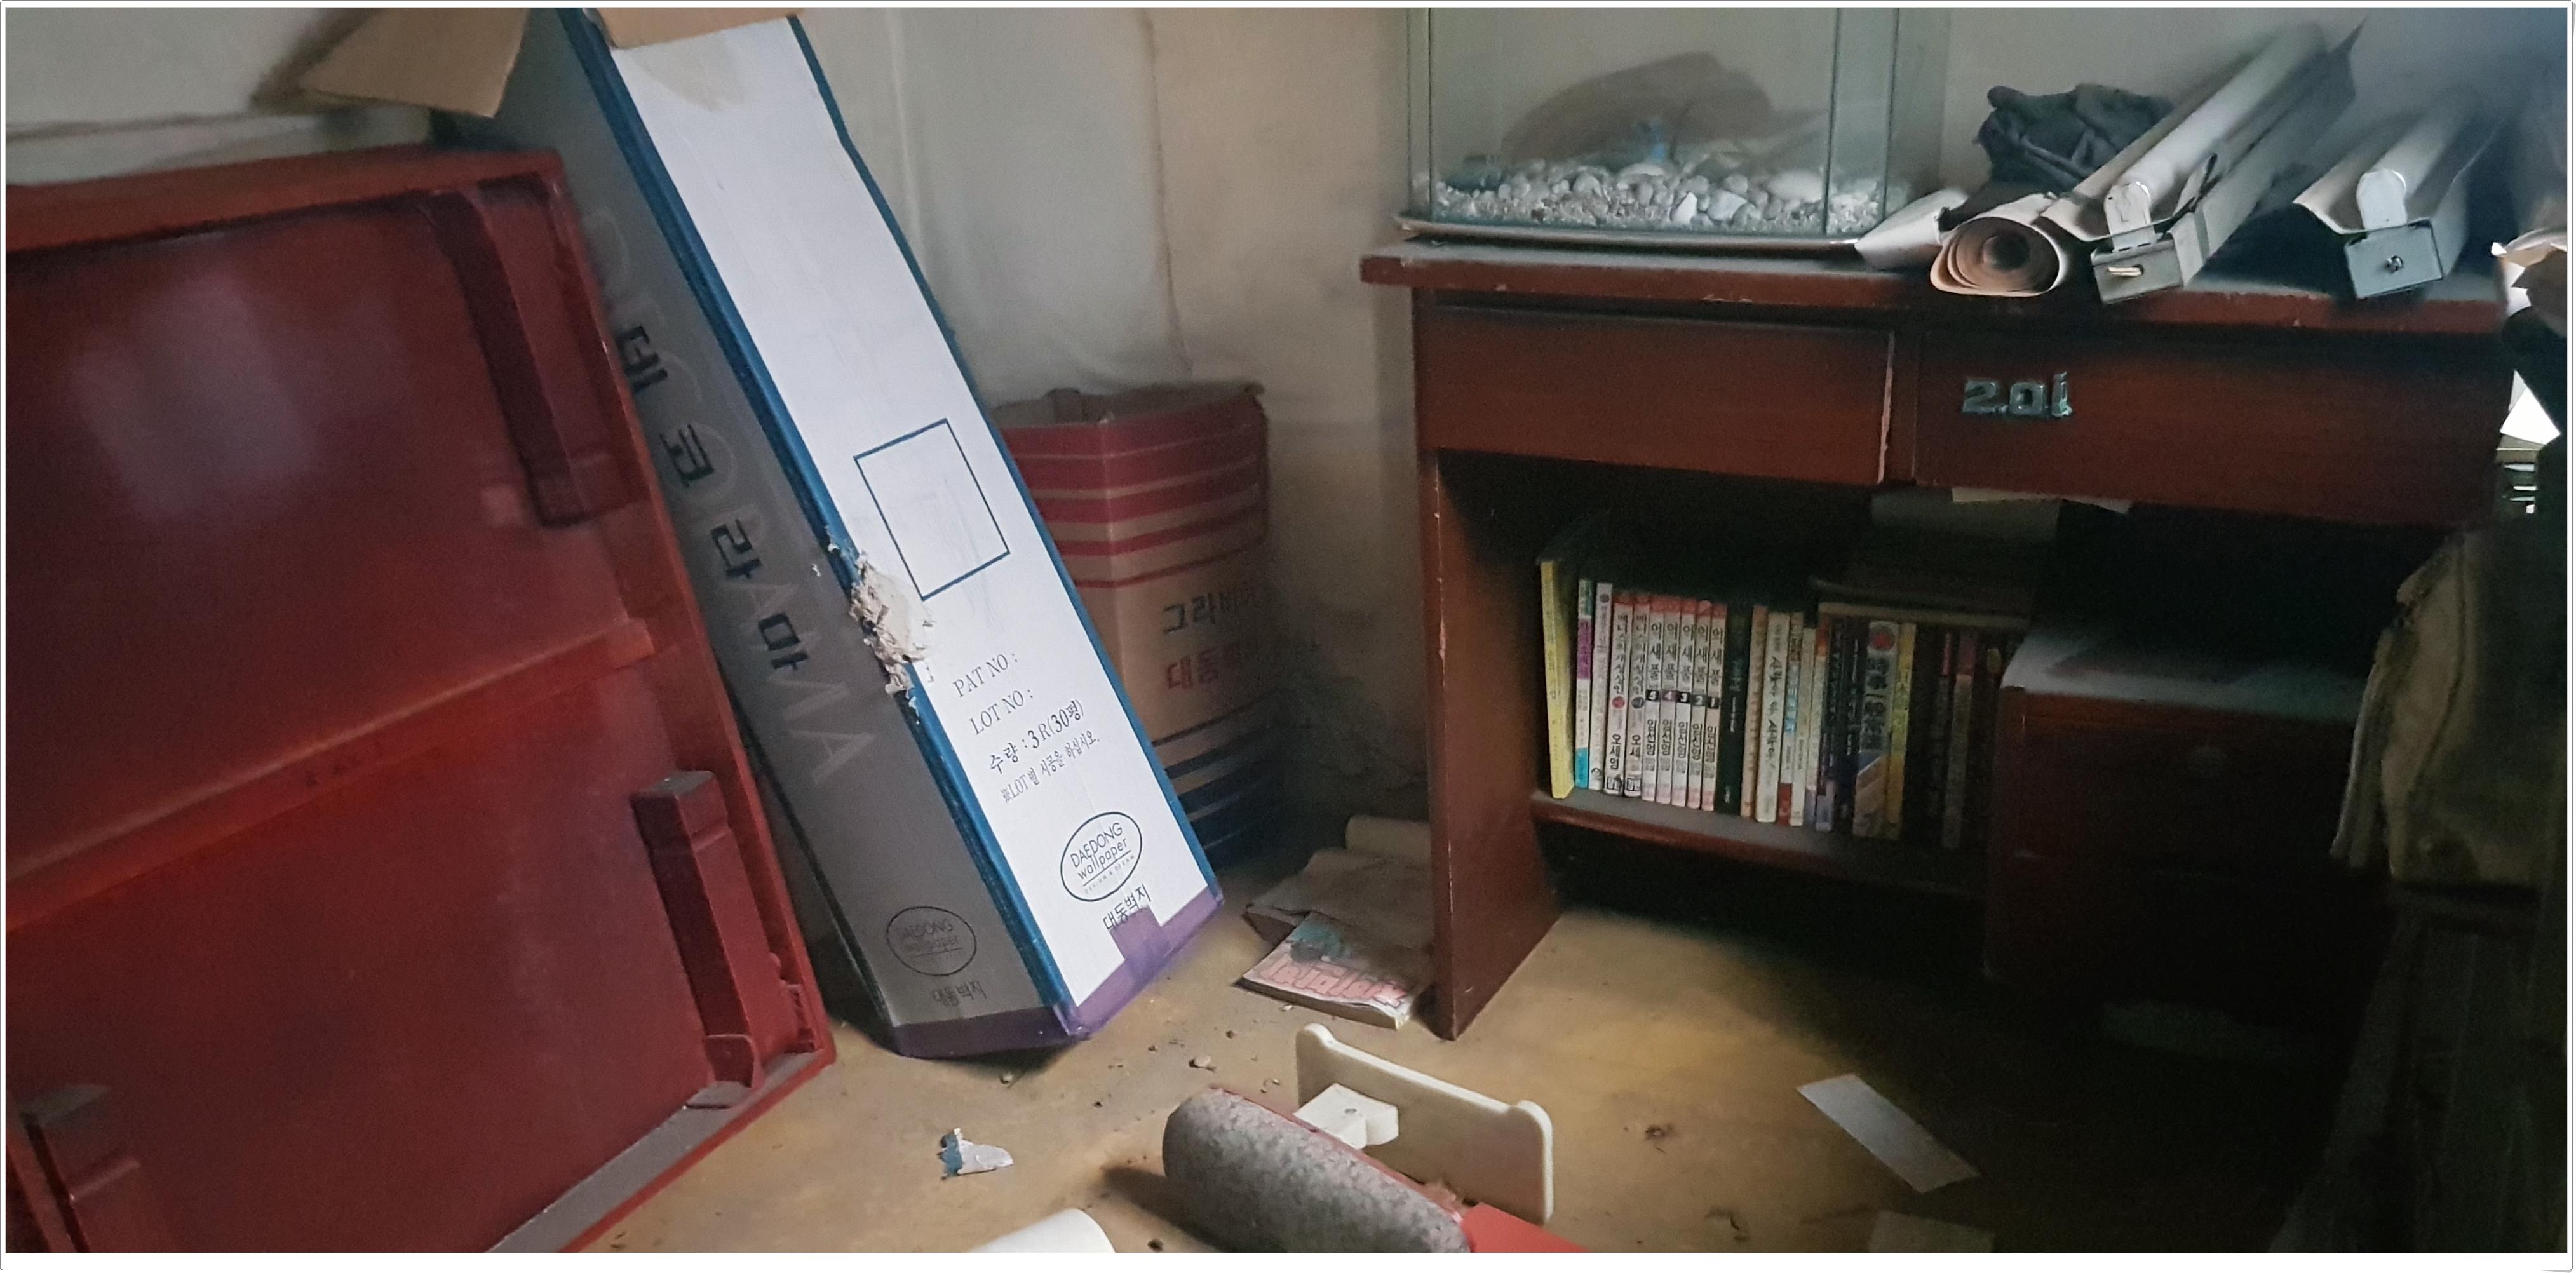 12 번째 사진 단독주택 에  연면적 ㎡ 부산 백양대로 주택 석면조사 현장